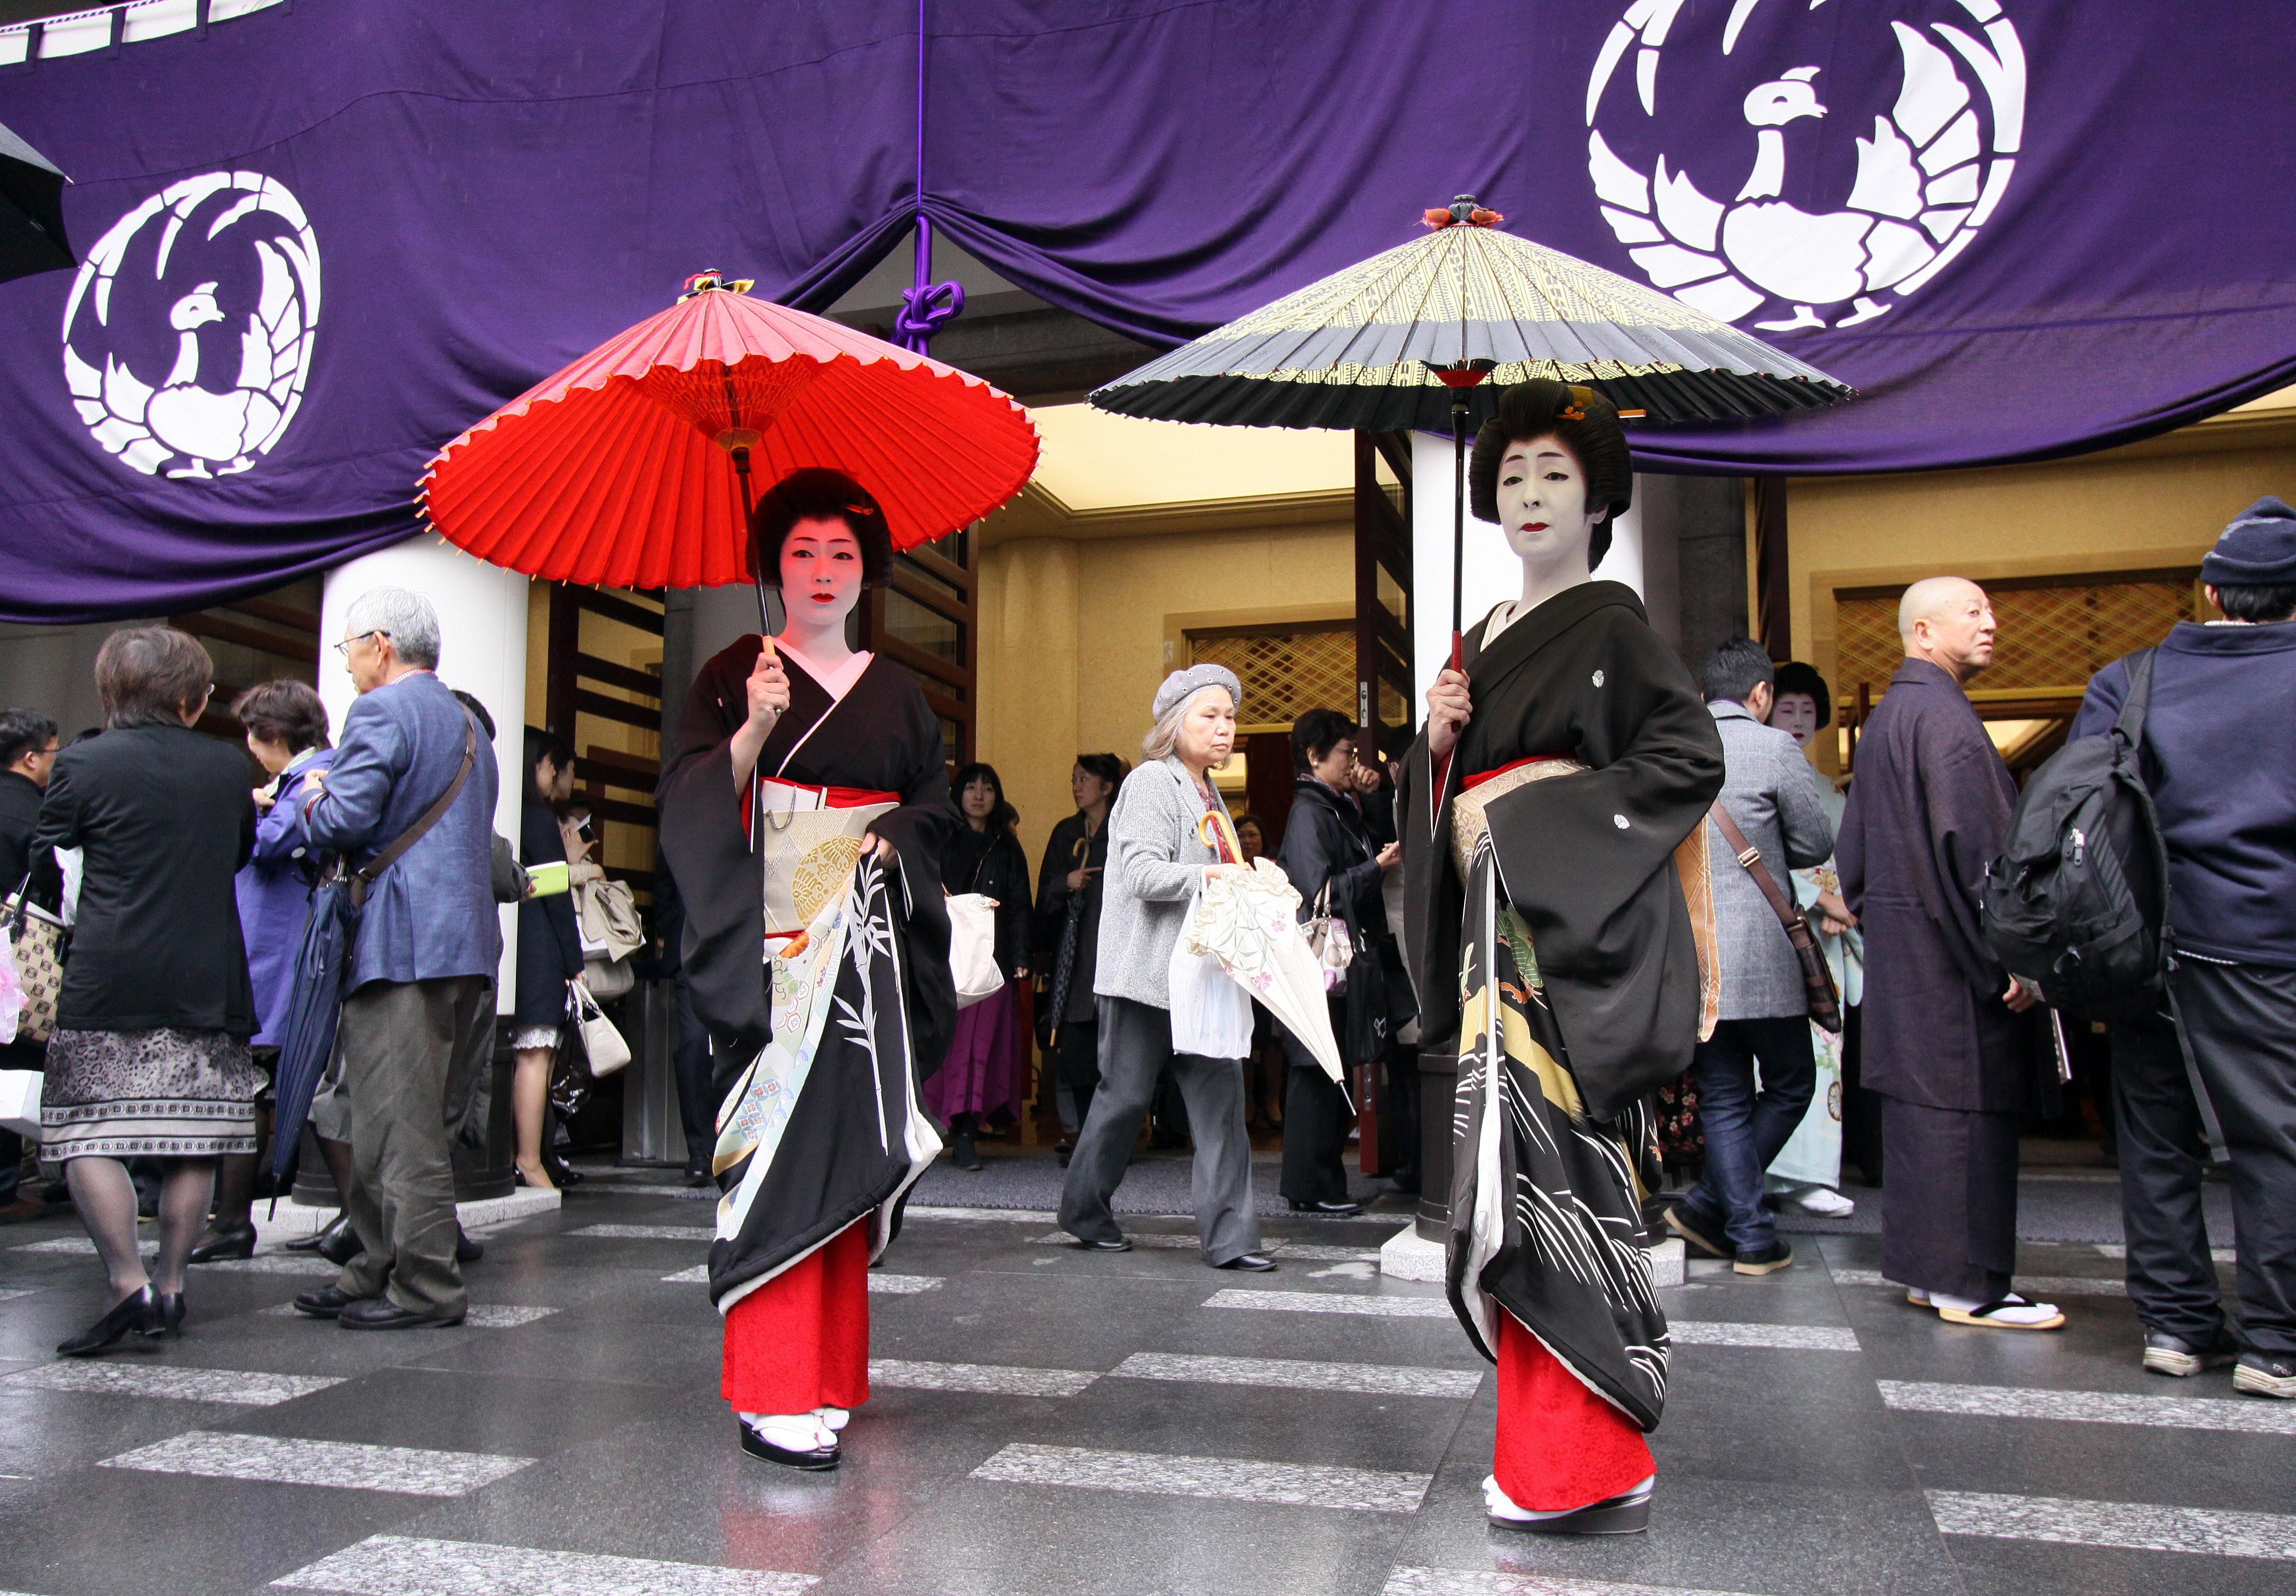 Sayuki, la ragazza australiana che ha deciso di diventare una geisha